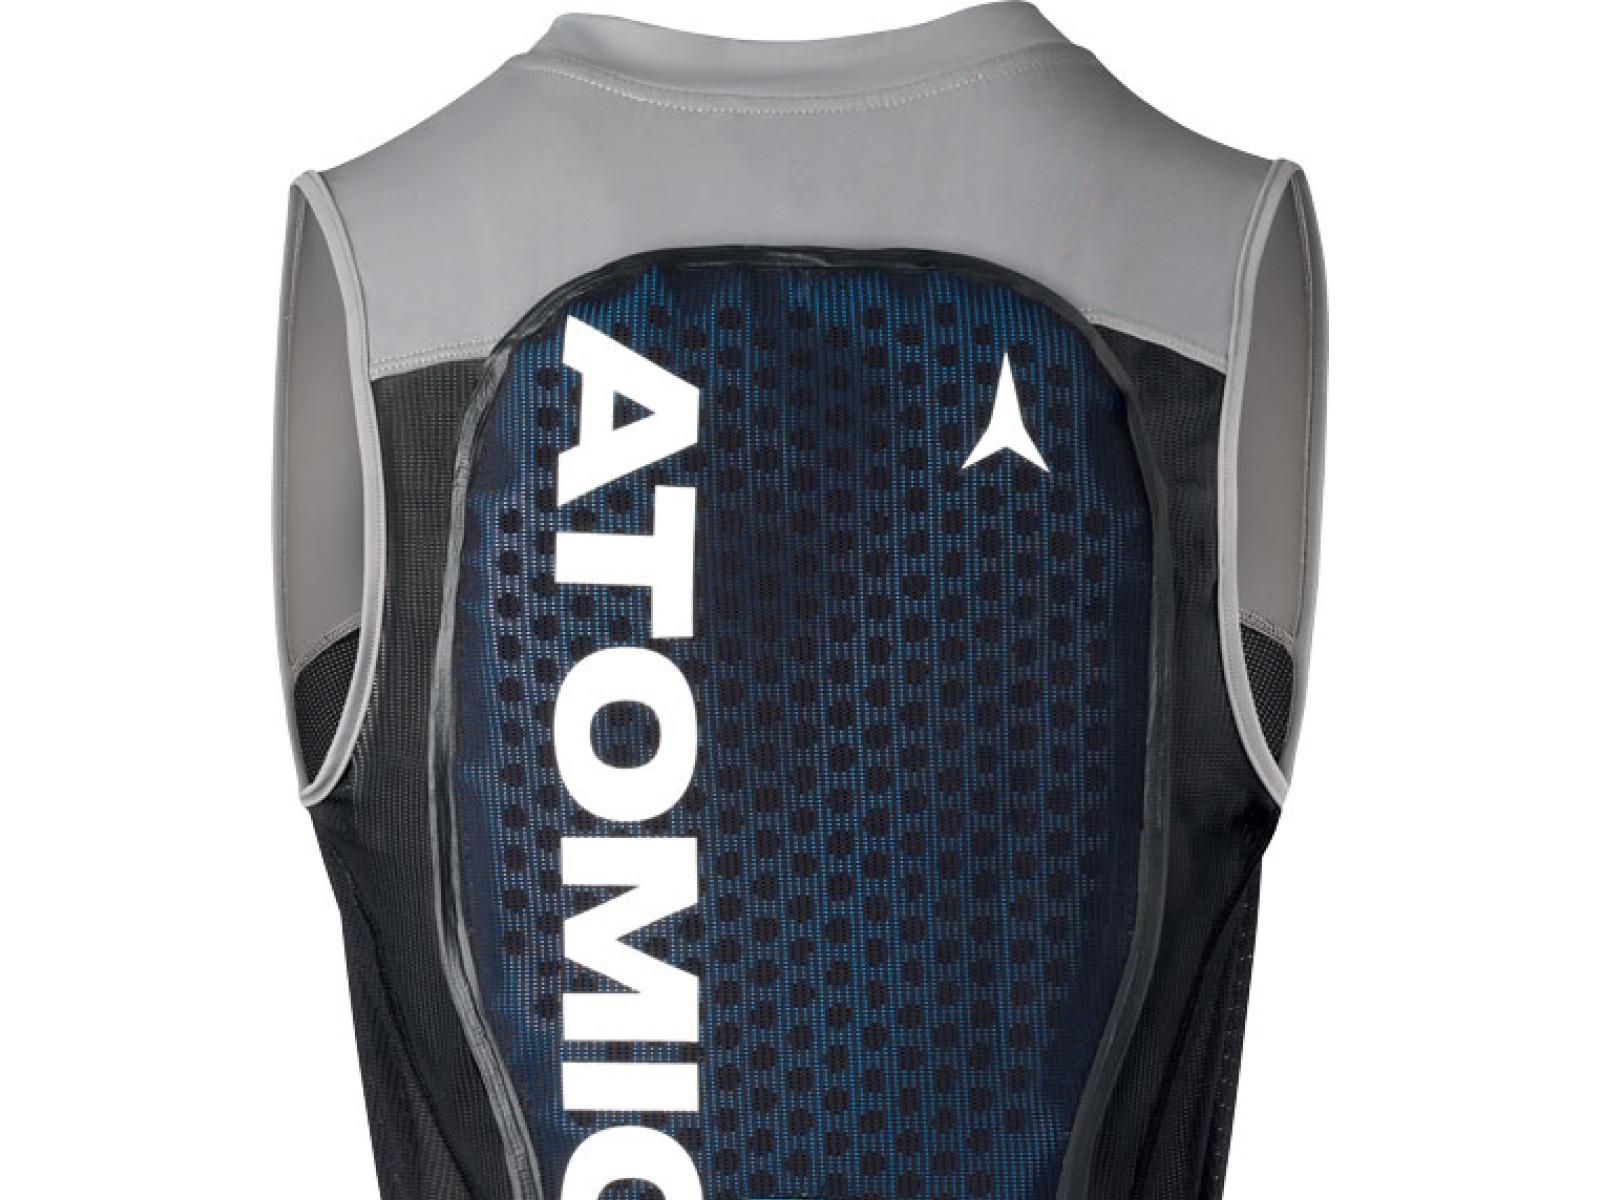 Atomic Live Shield Vest Amid M - šedá/černá Velikost chrániče: XL 2019/2020